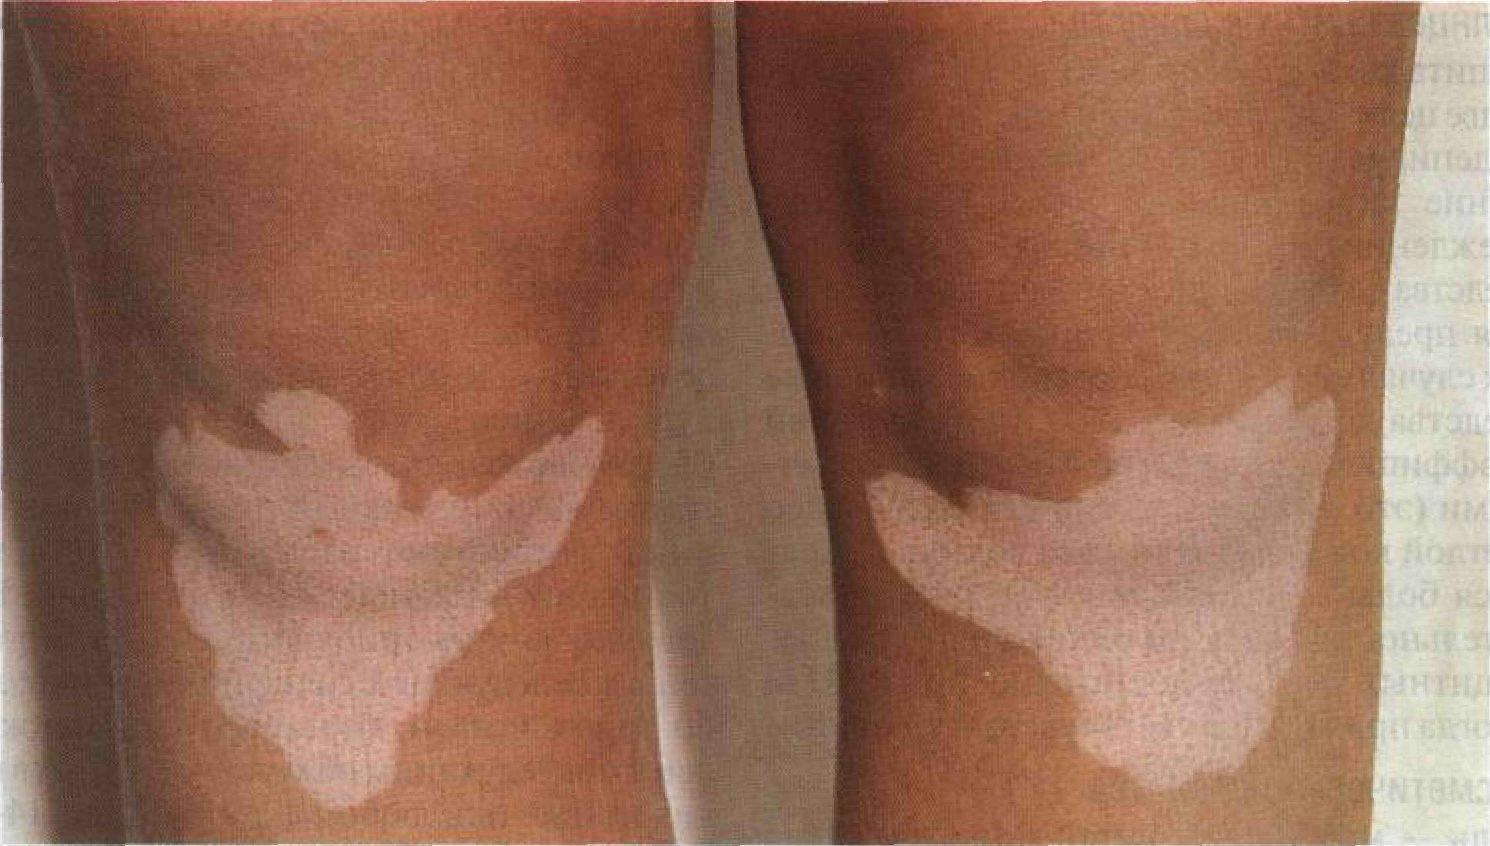 Белые пятна на коже - как называется болезнь, причины и лечение